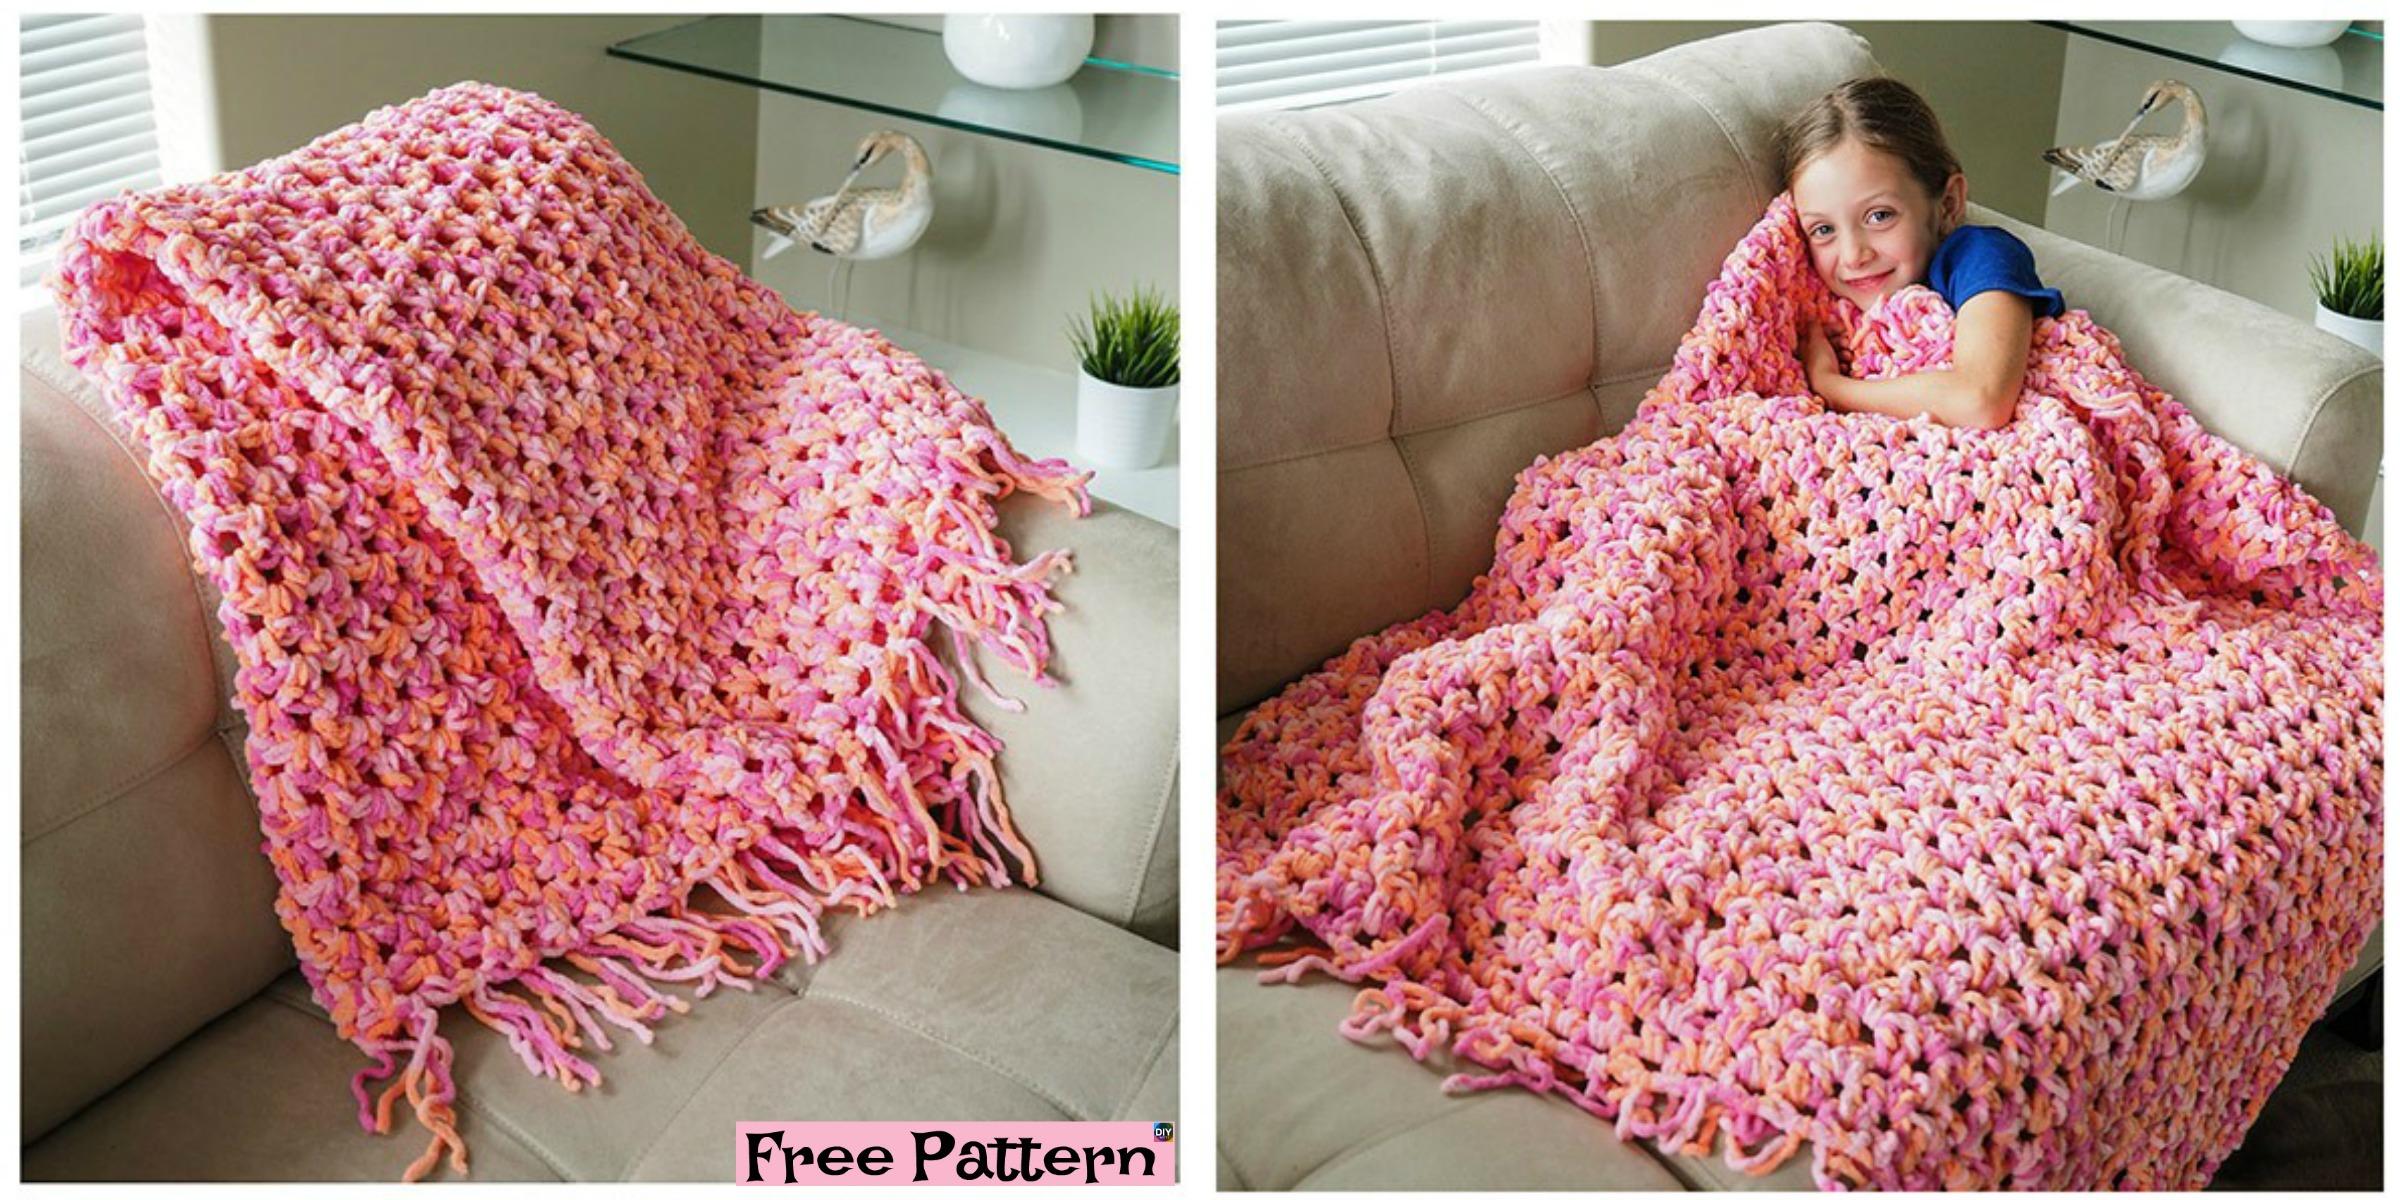 Easy Crocheted Cozy Blanket – Free Pattern